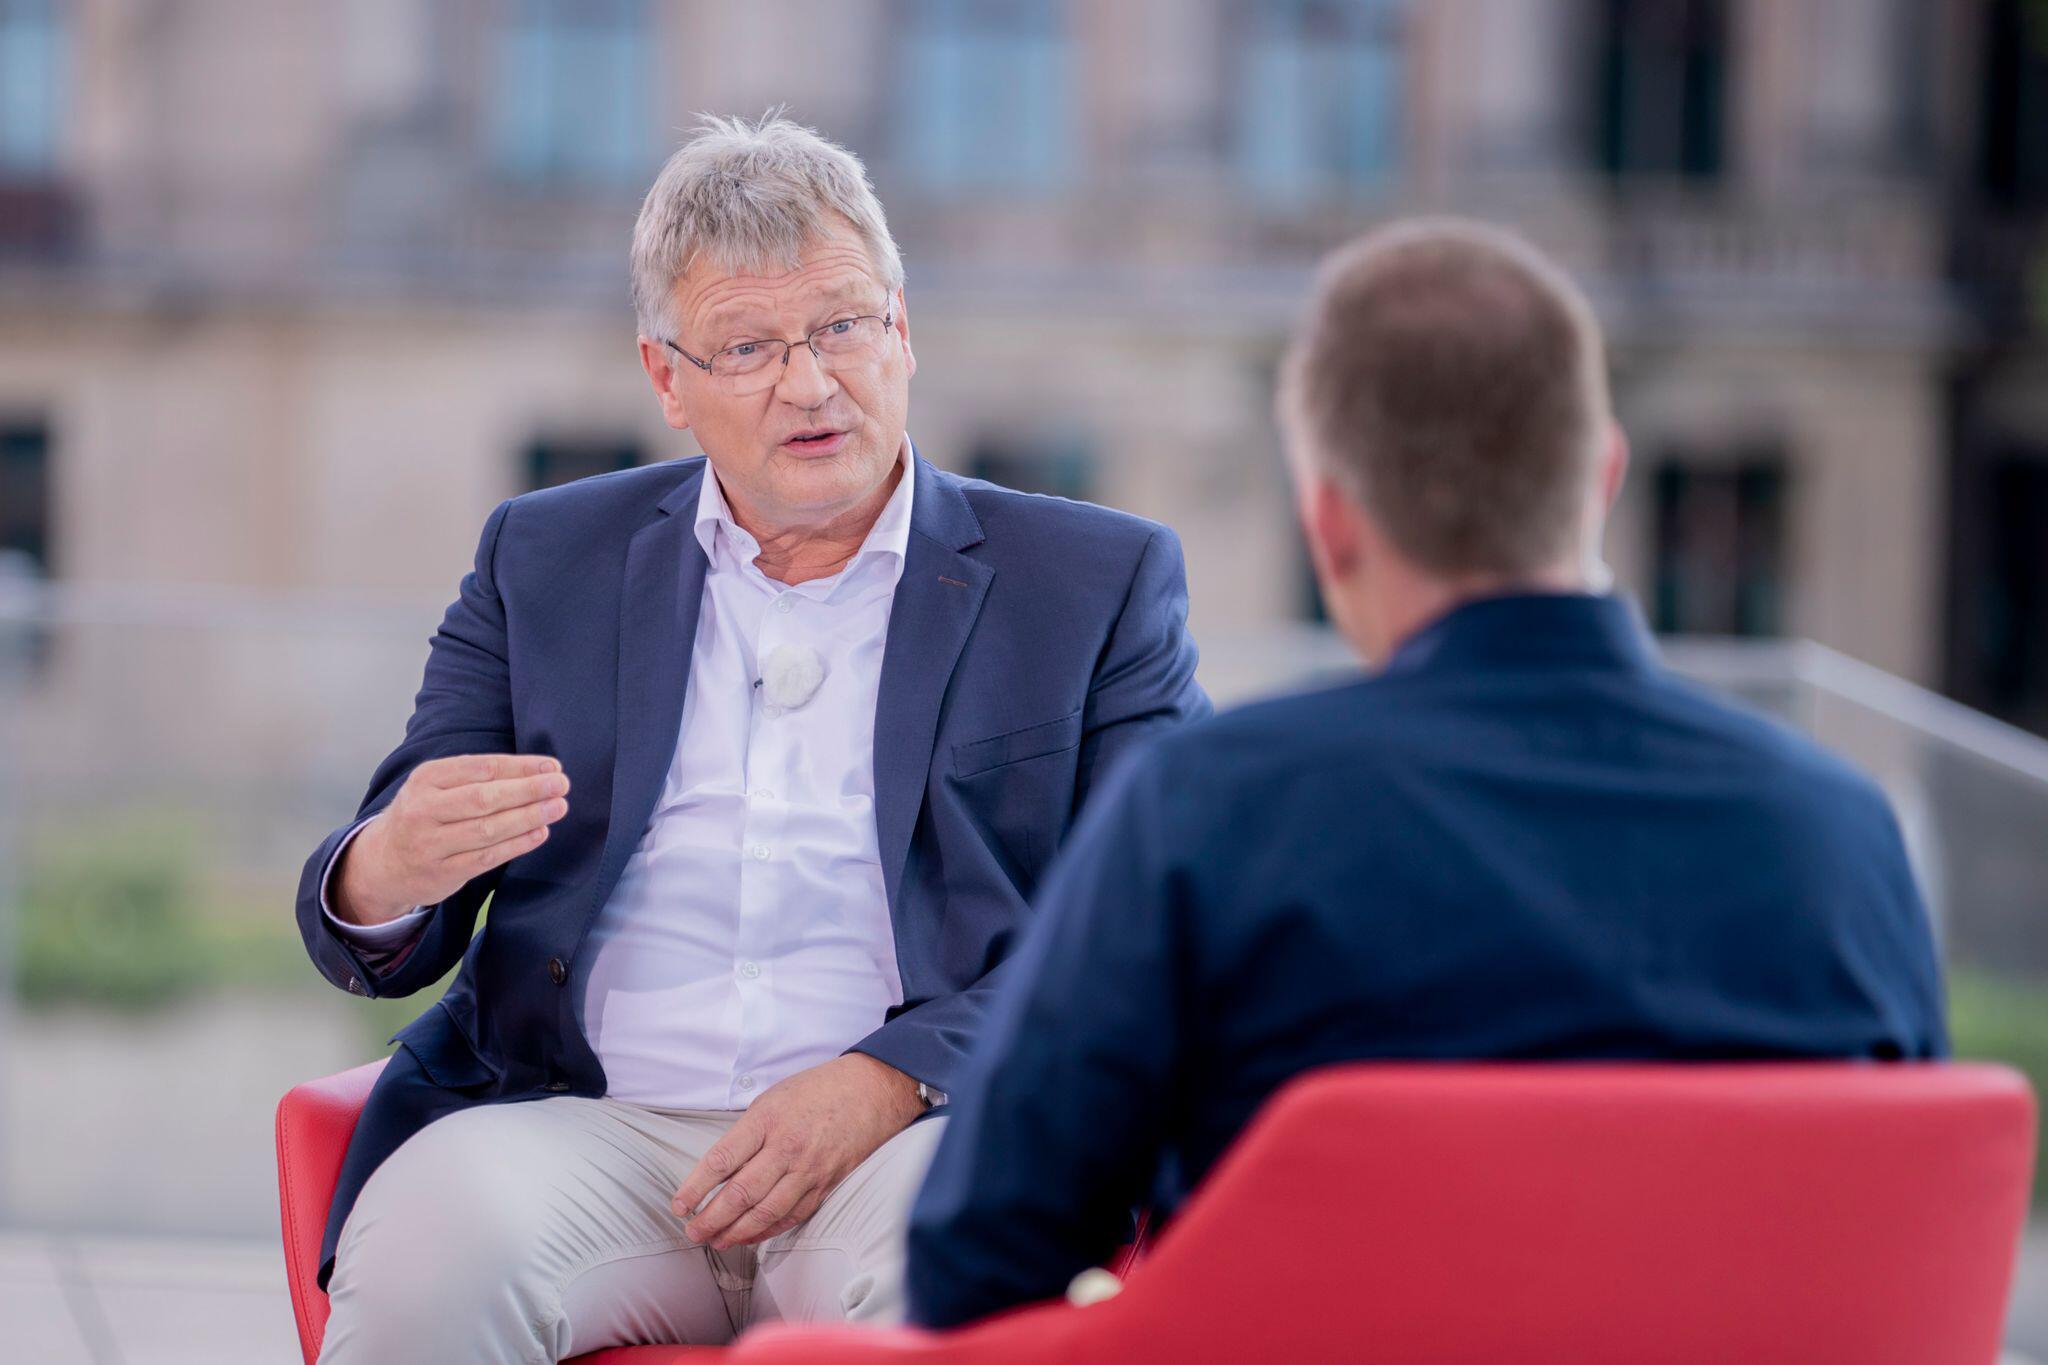 Bild zu ARD-Sommerinterview mit AfD-Bundessprecher Meuthen